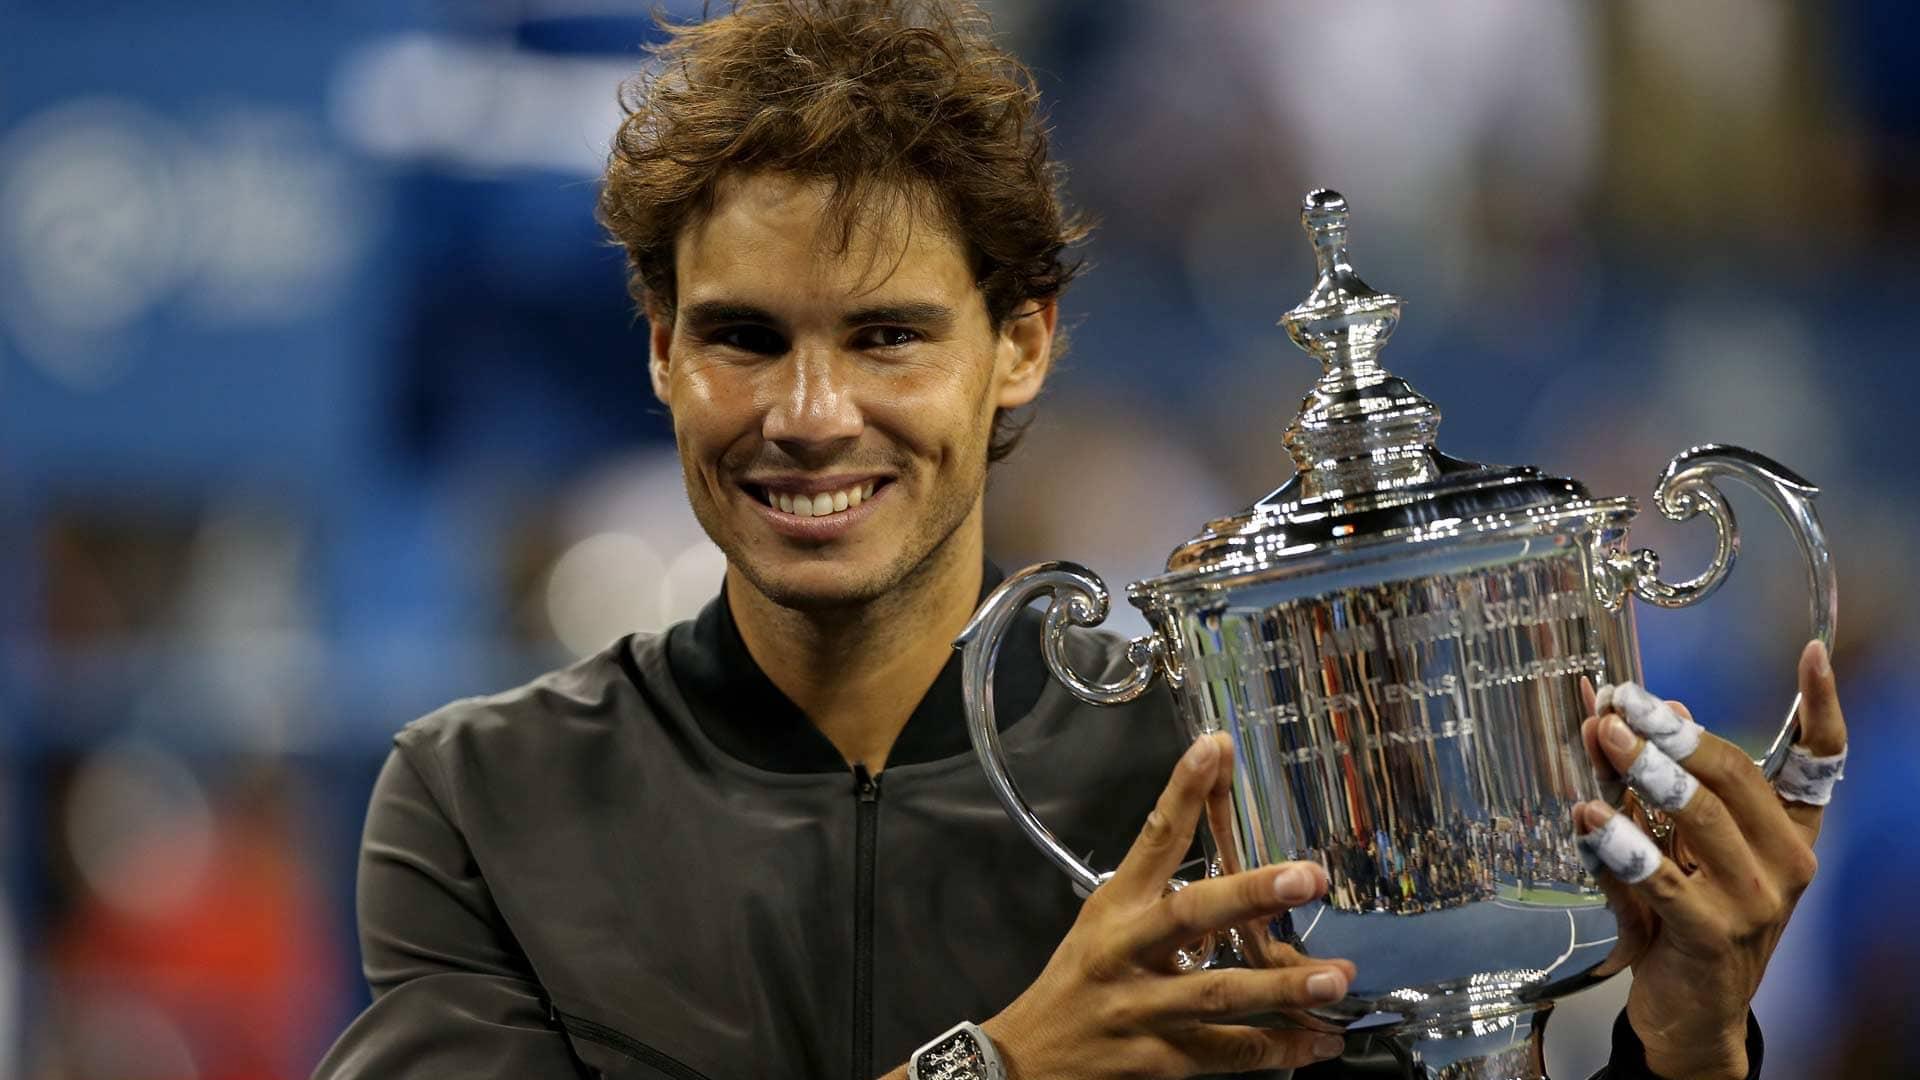 Nadal 2013 <a href='https://www.atptour.com/en/tournaments/us-open/560/overview'>US Open</a>